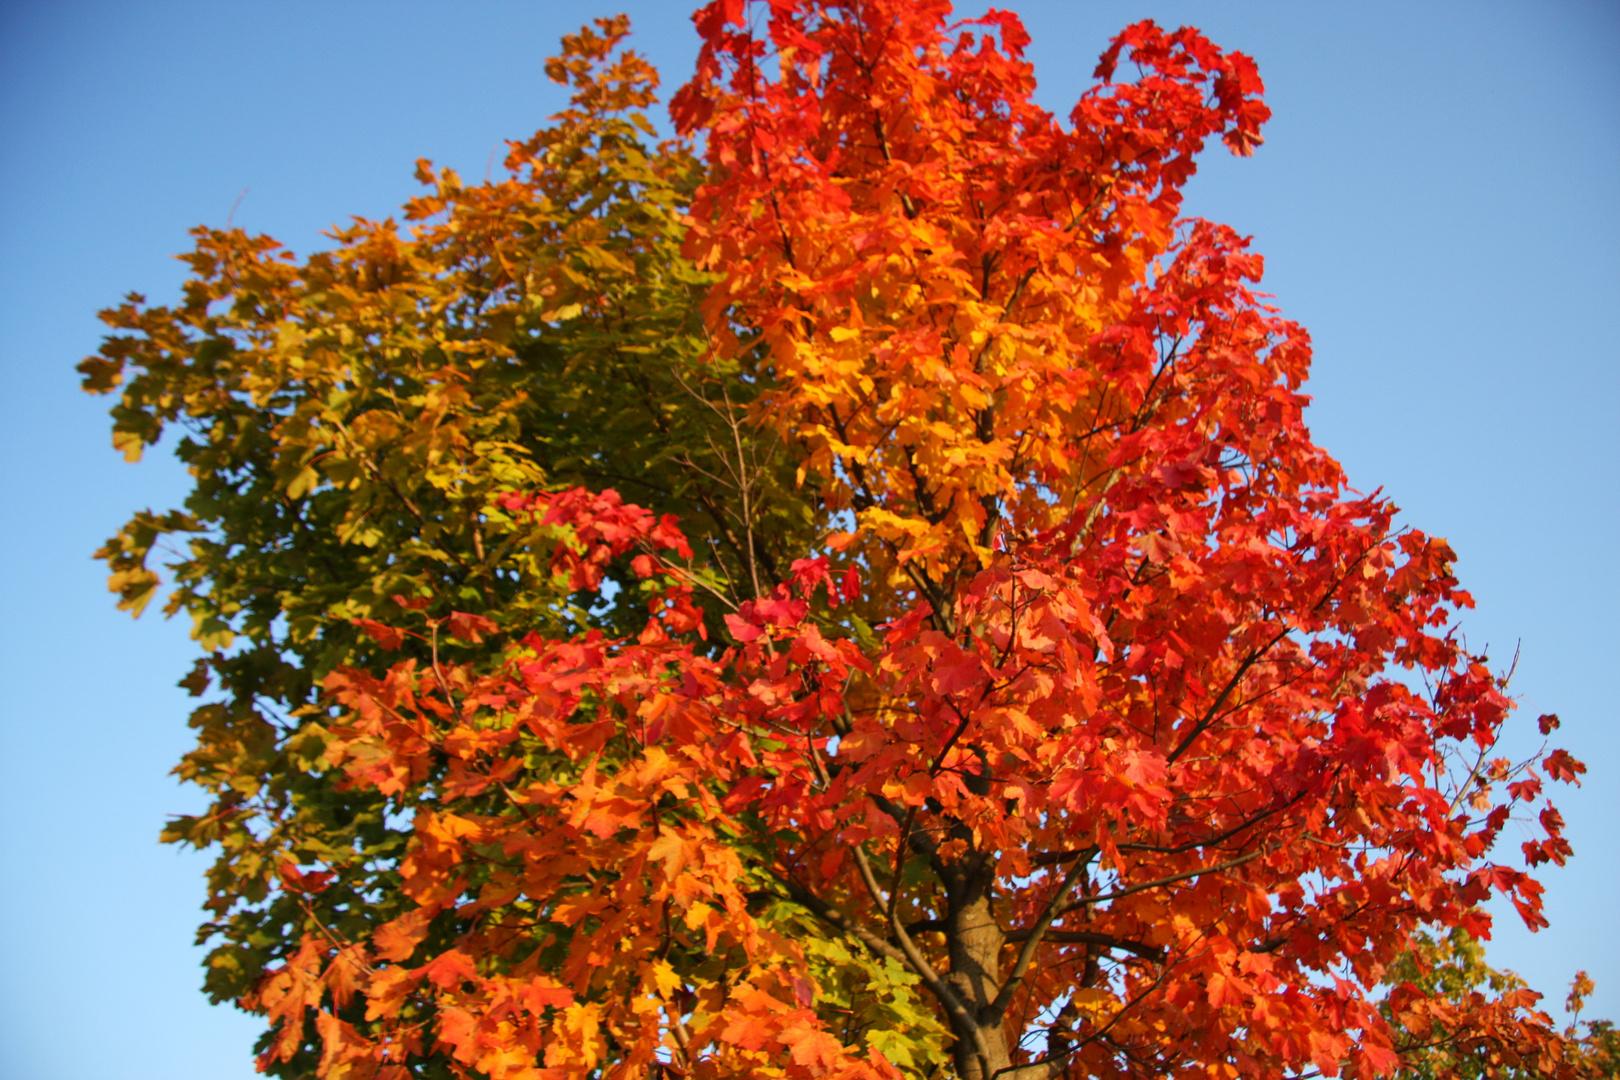 Die Gesamte Farbenpracht in einem Baum